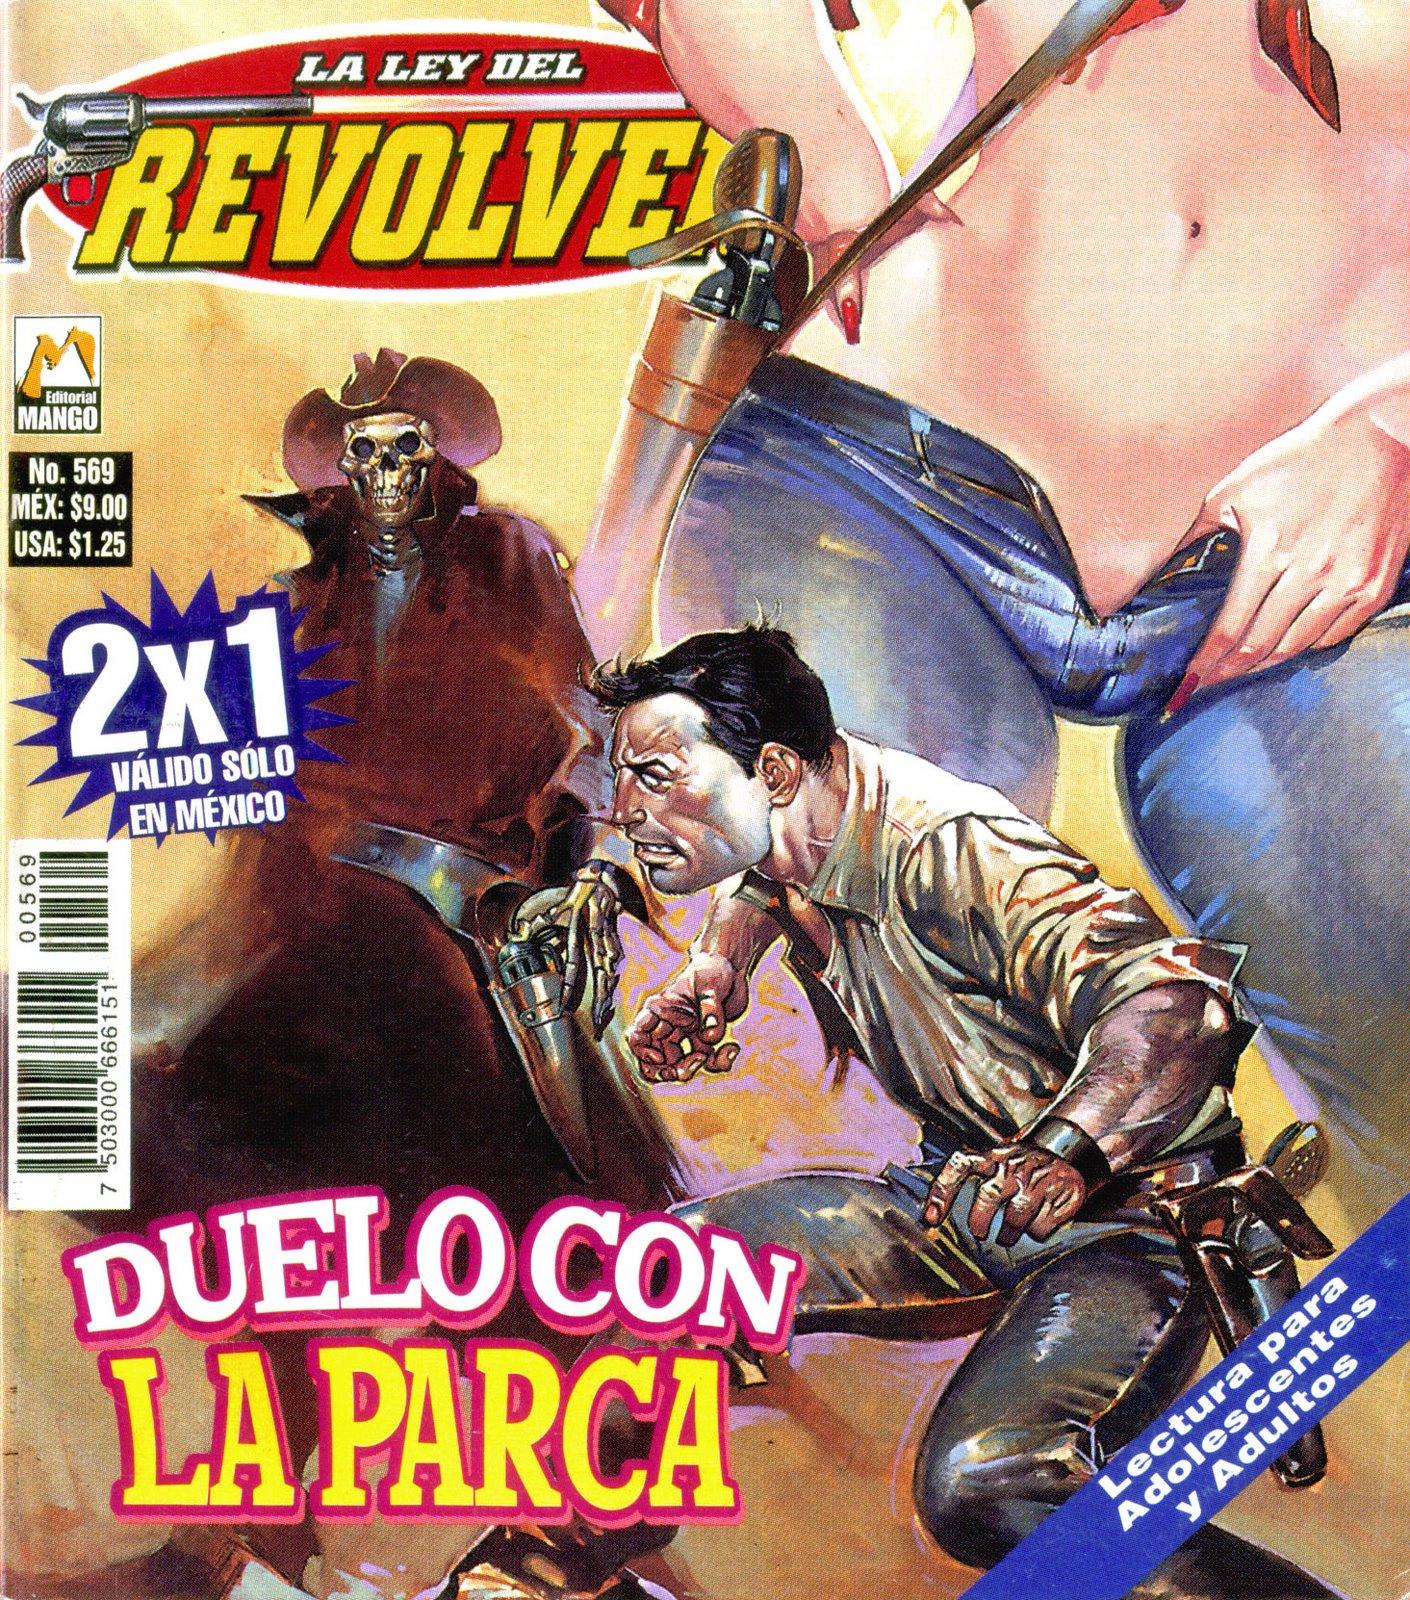 la_ley_del_revolver_no569